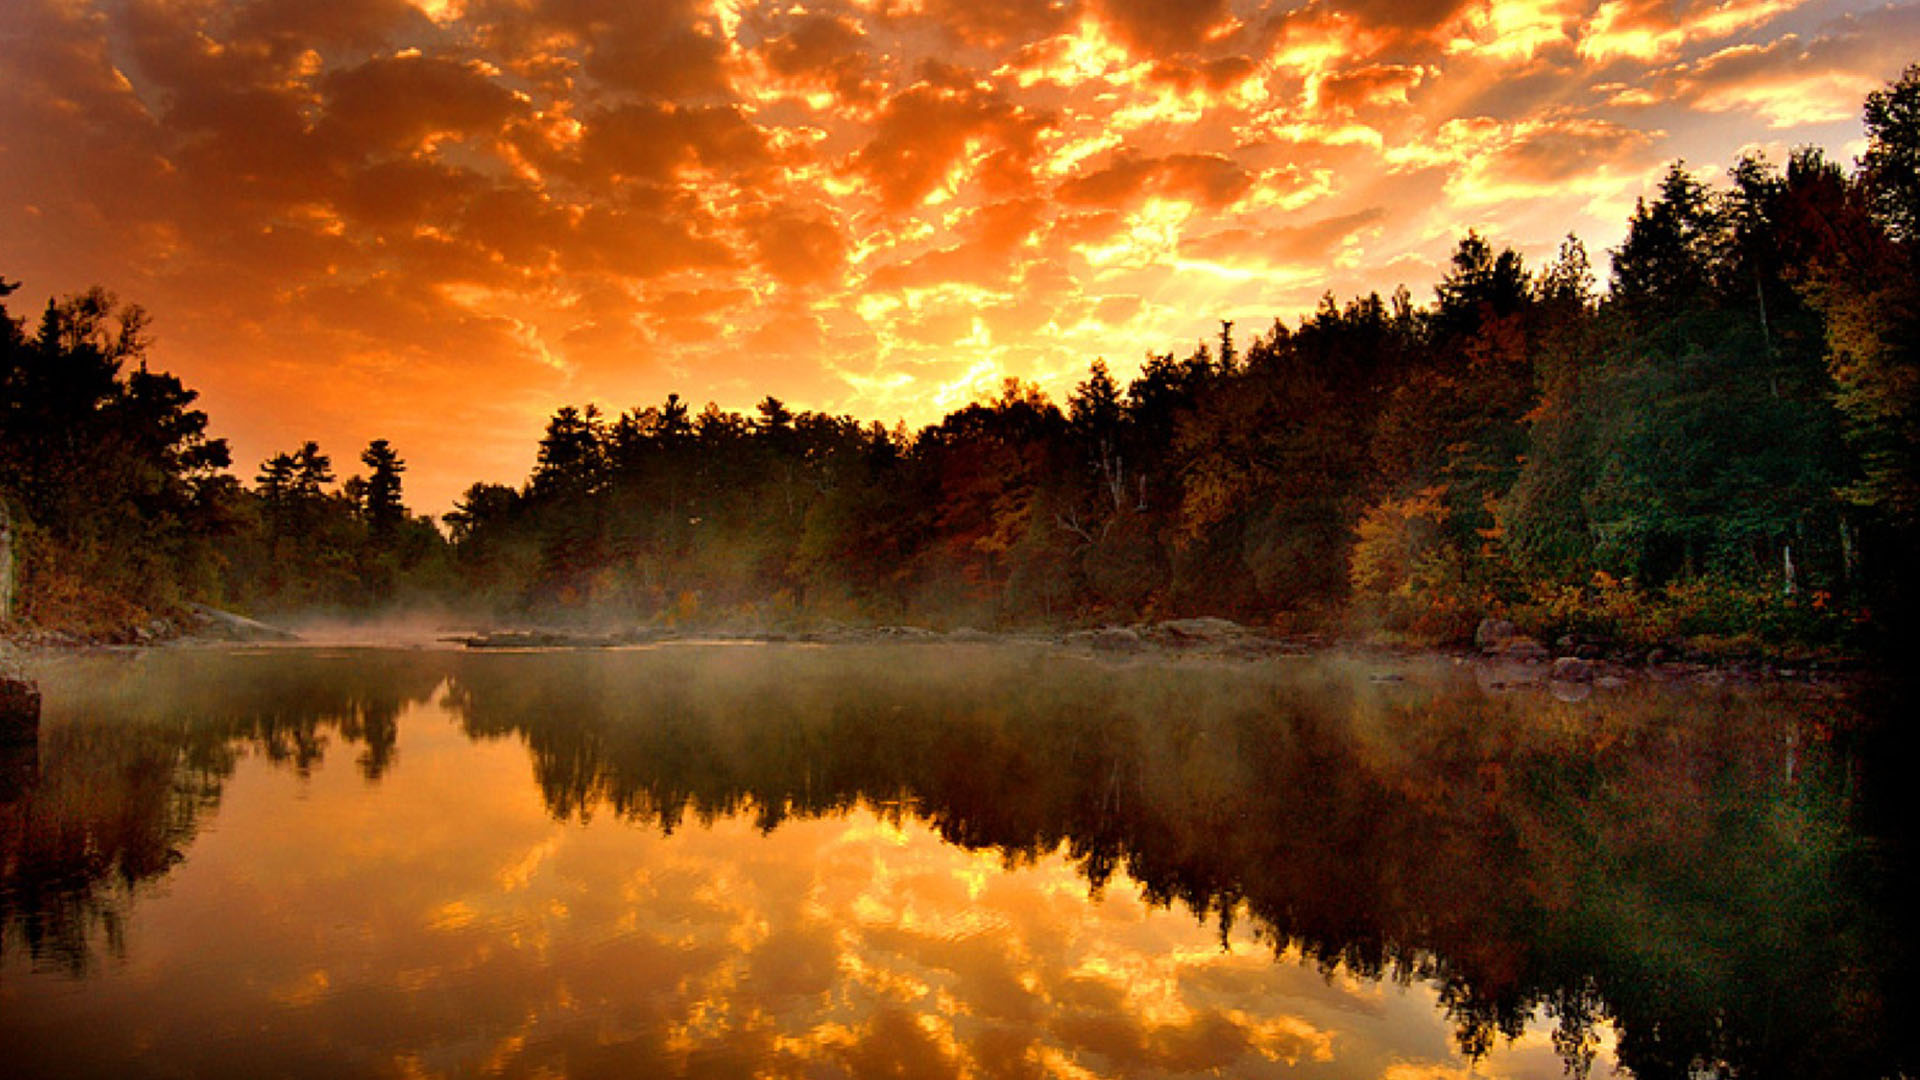 Nature Sunset Wallpaper HD 1080p HD Wallpaper 1920x1080